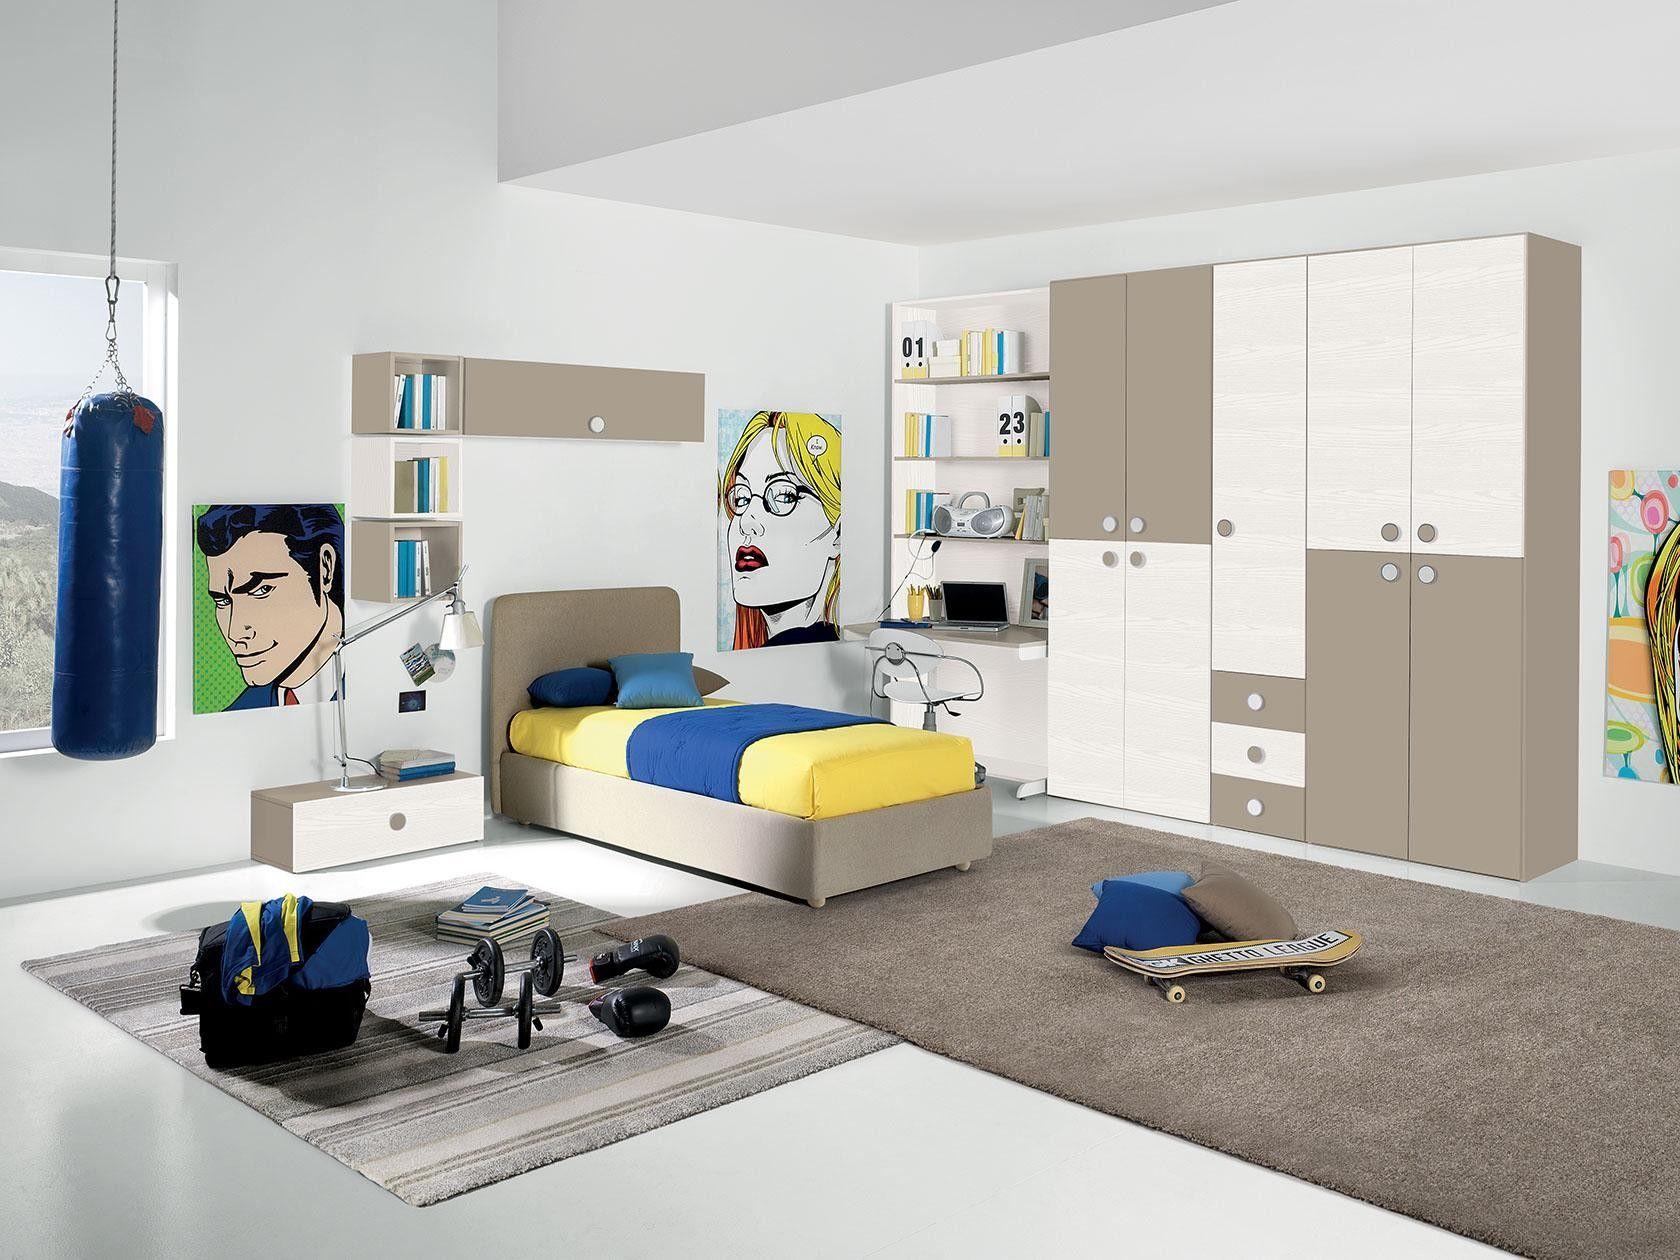 Webmobili Camerette ~ Cameretta rocco camerette bambino prezzo and room